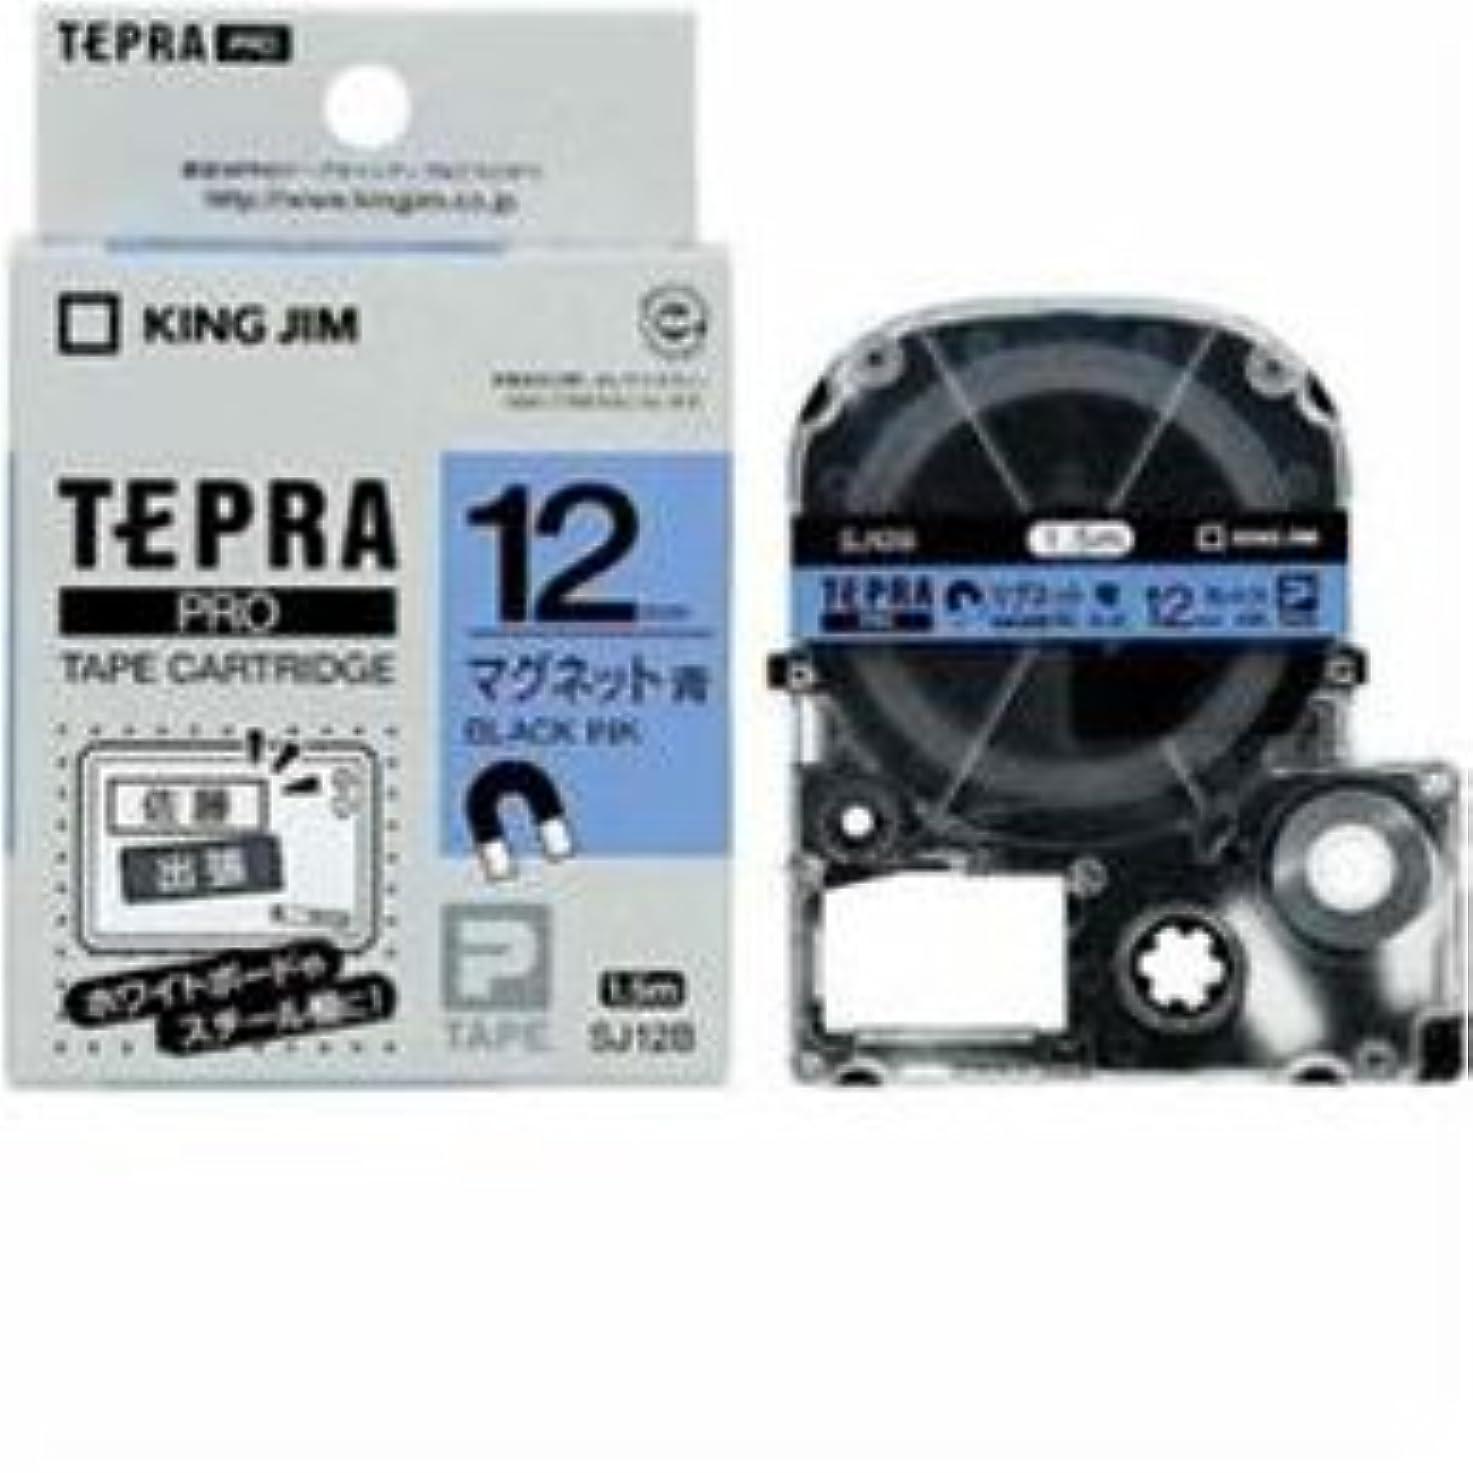 不透明な敵意コントローラキングジム テプラ マグネットテープ (青テープ/黒文字/12mm幅) SJ12B